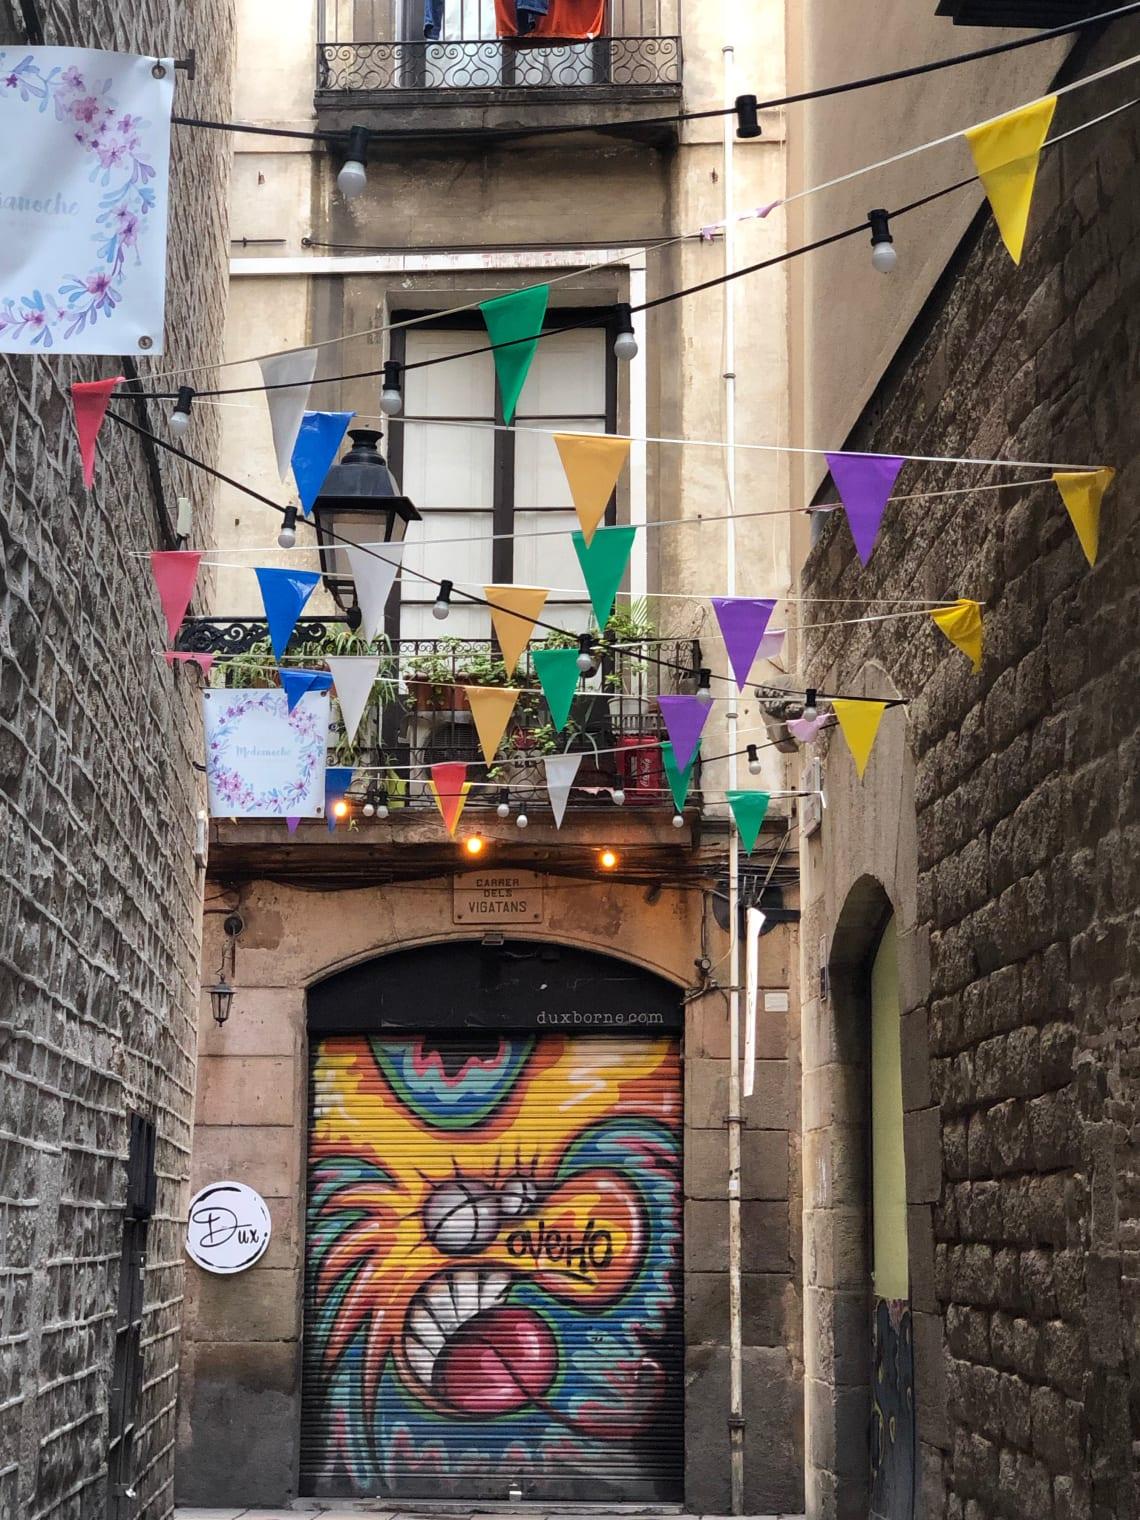 La mega guía para viajar a Barcelona: qué ver, qué hacer y mucho más - calle en Barcelona